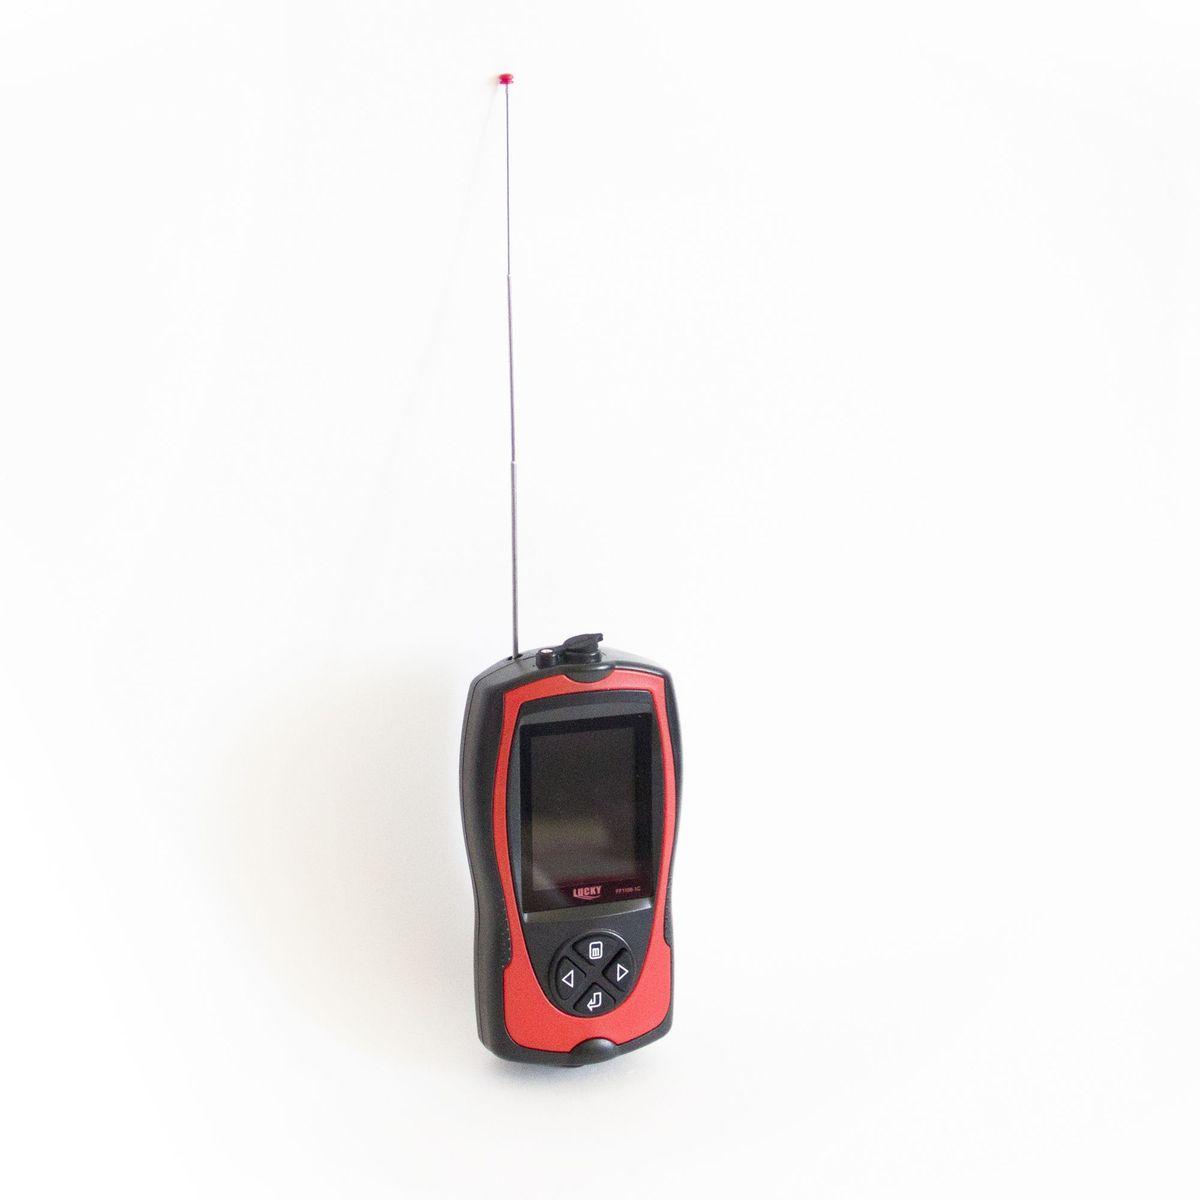 Эхолот рыбопоисковый  Lucky , с цветным дисплеем и радиодатчиком, цвет: черный. FFW1108-1С - Рыбалка